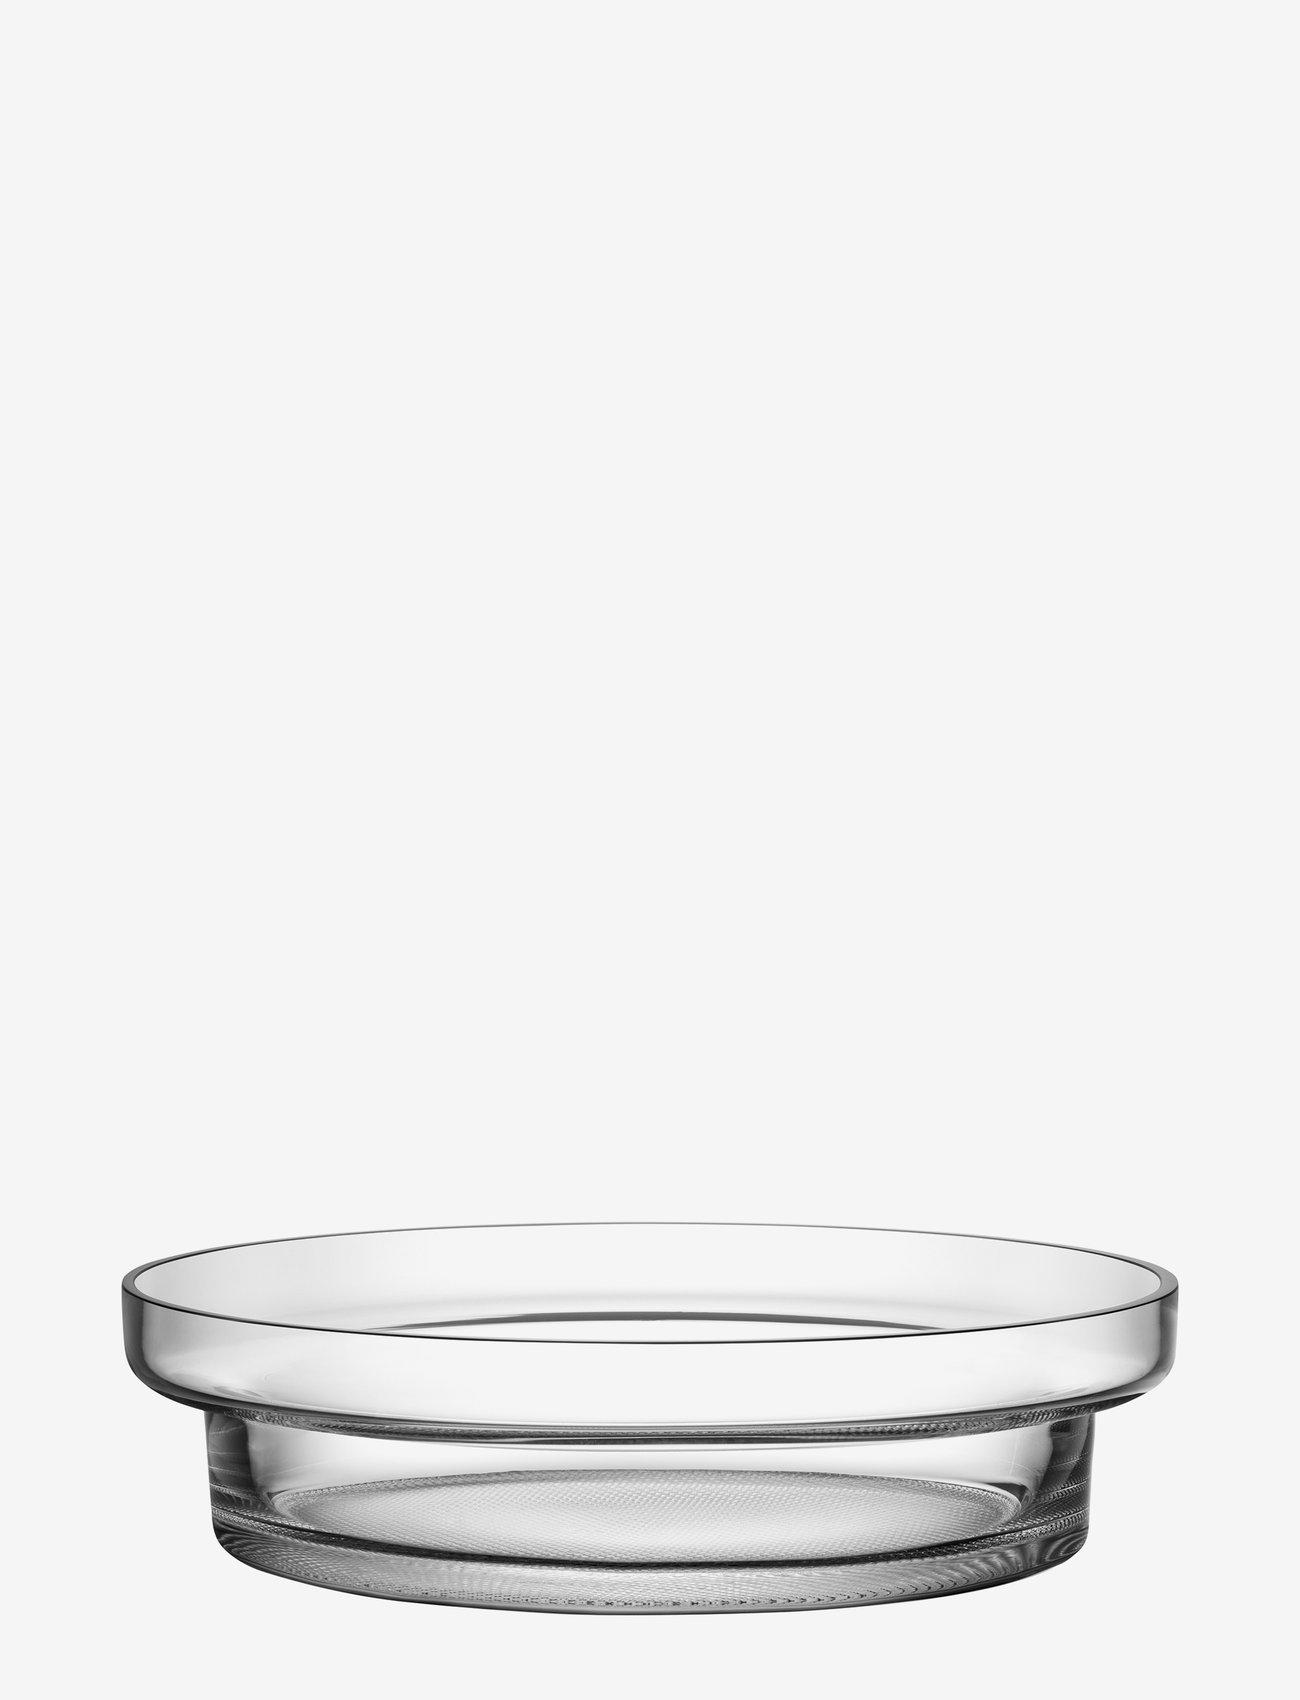 Kosta Boda - LIMELIGHT DISH CLEAR D 330MM - tarjoiluastiat ja -lautaset - clear - 0